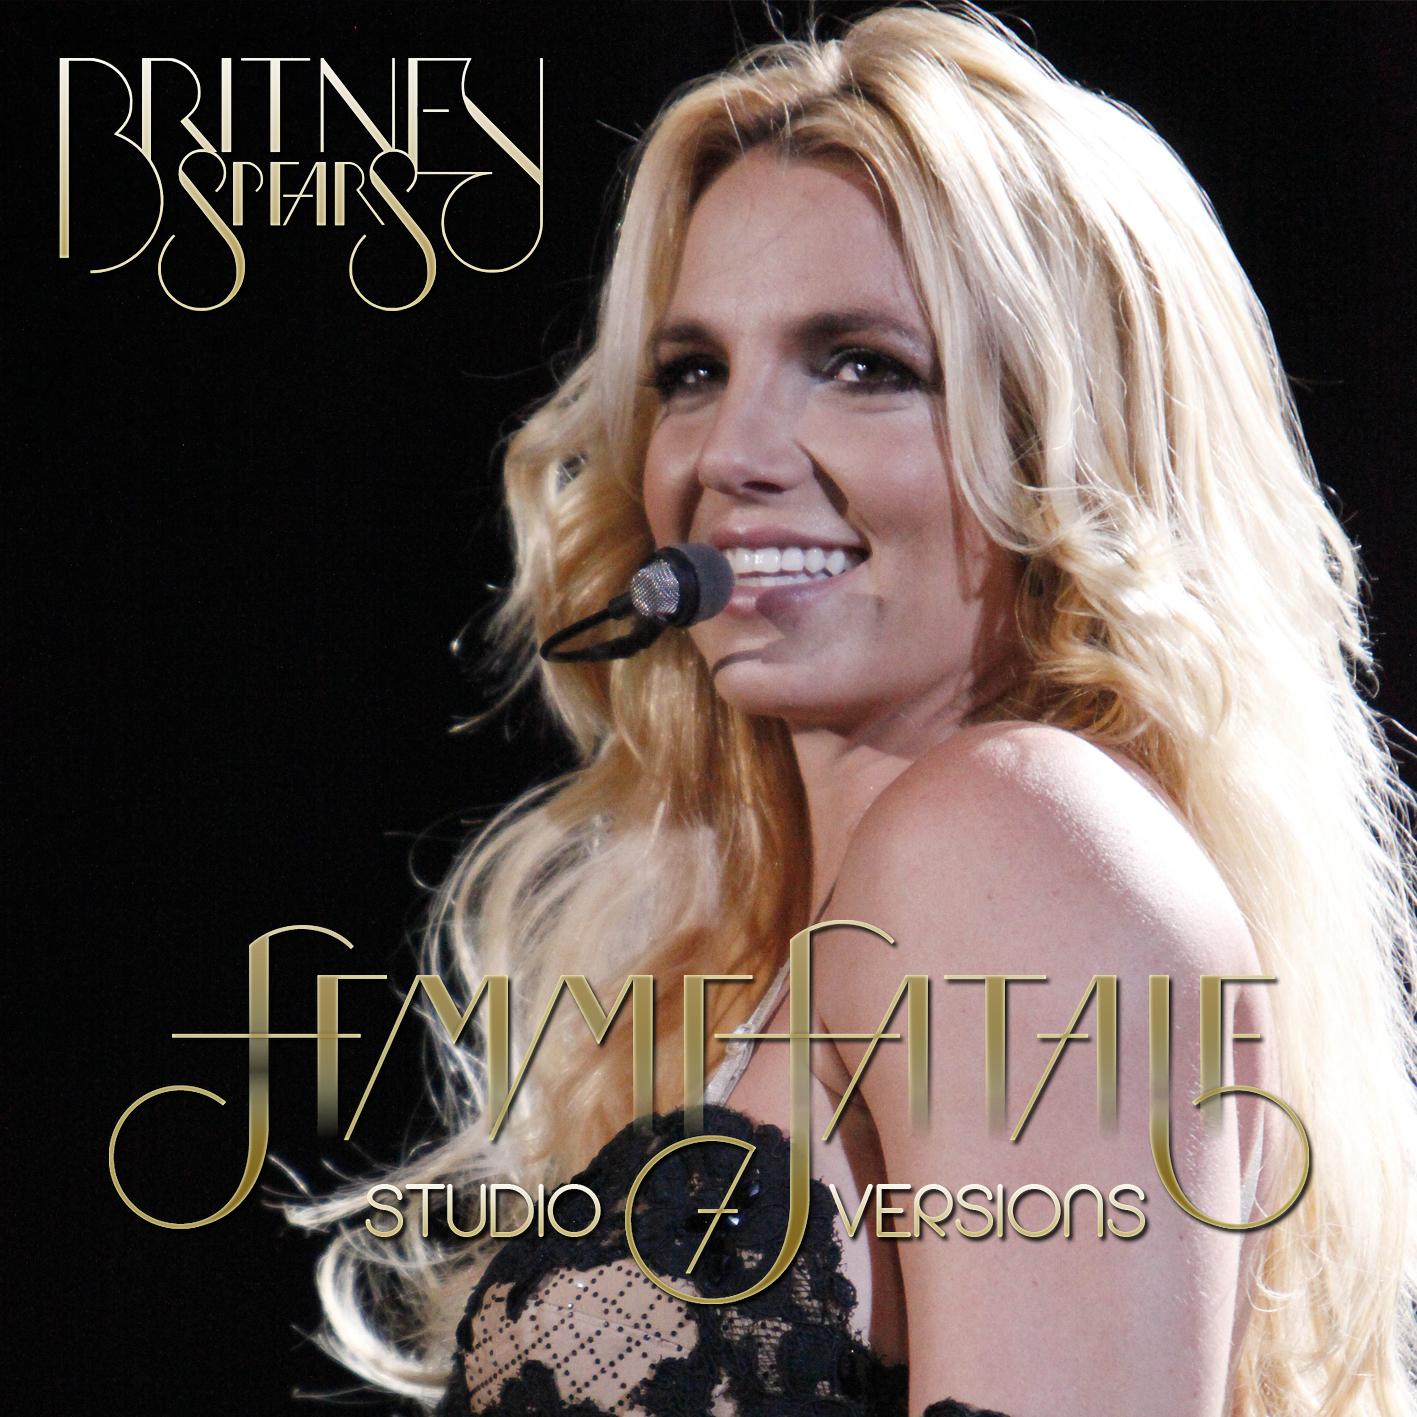 http://4.bp.blogspot.com/-fmHnjg72a58/Tld3G_HpVjI/AAAAAAAAAD0/whP2zpjAj3c/s1600/Britney+Spears+The+Femme+Fatale+Tour+Studio+Version.jpg